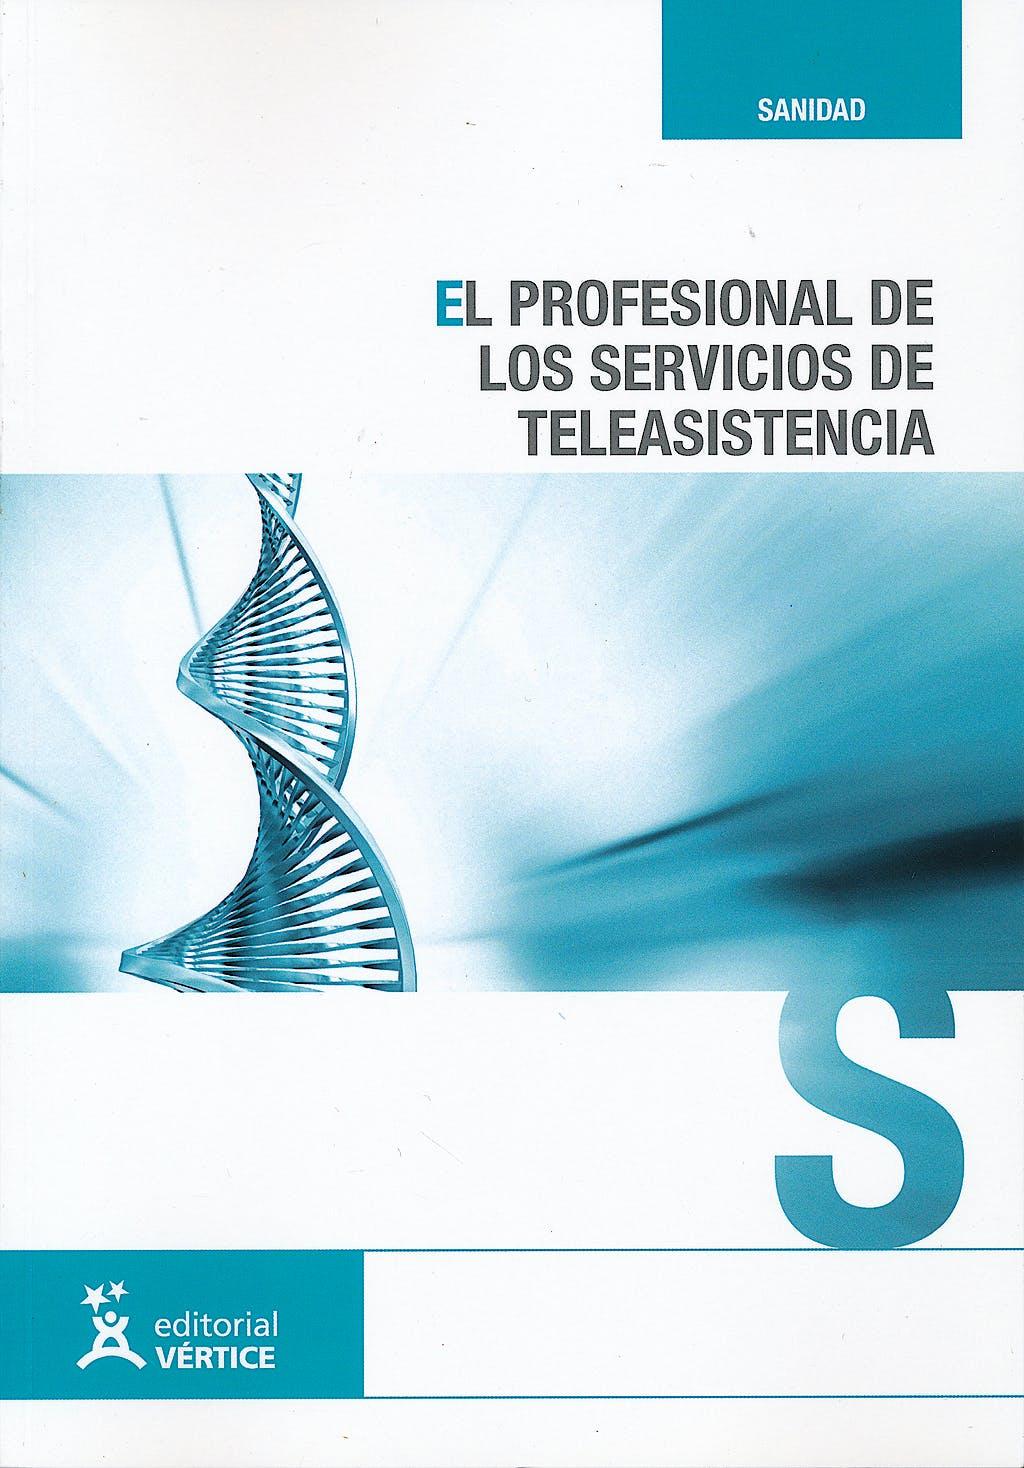 Portada del libro 9788499311449 El Profesional de los Servicios de Teleasistencia  (Sanidad)